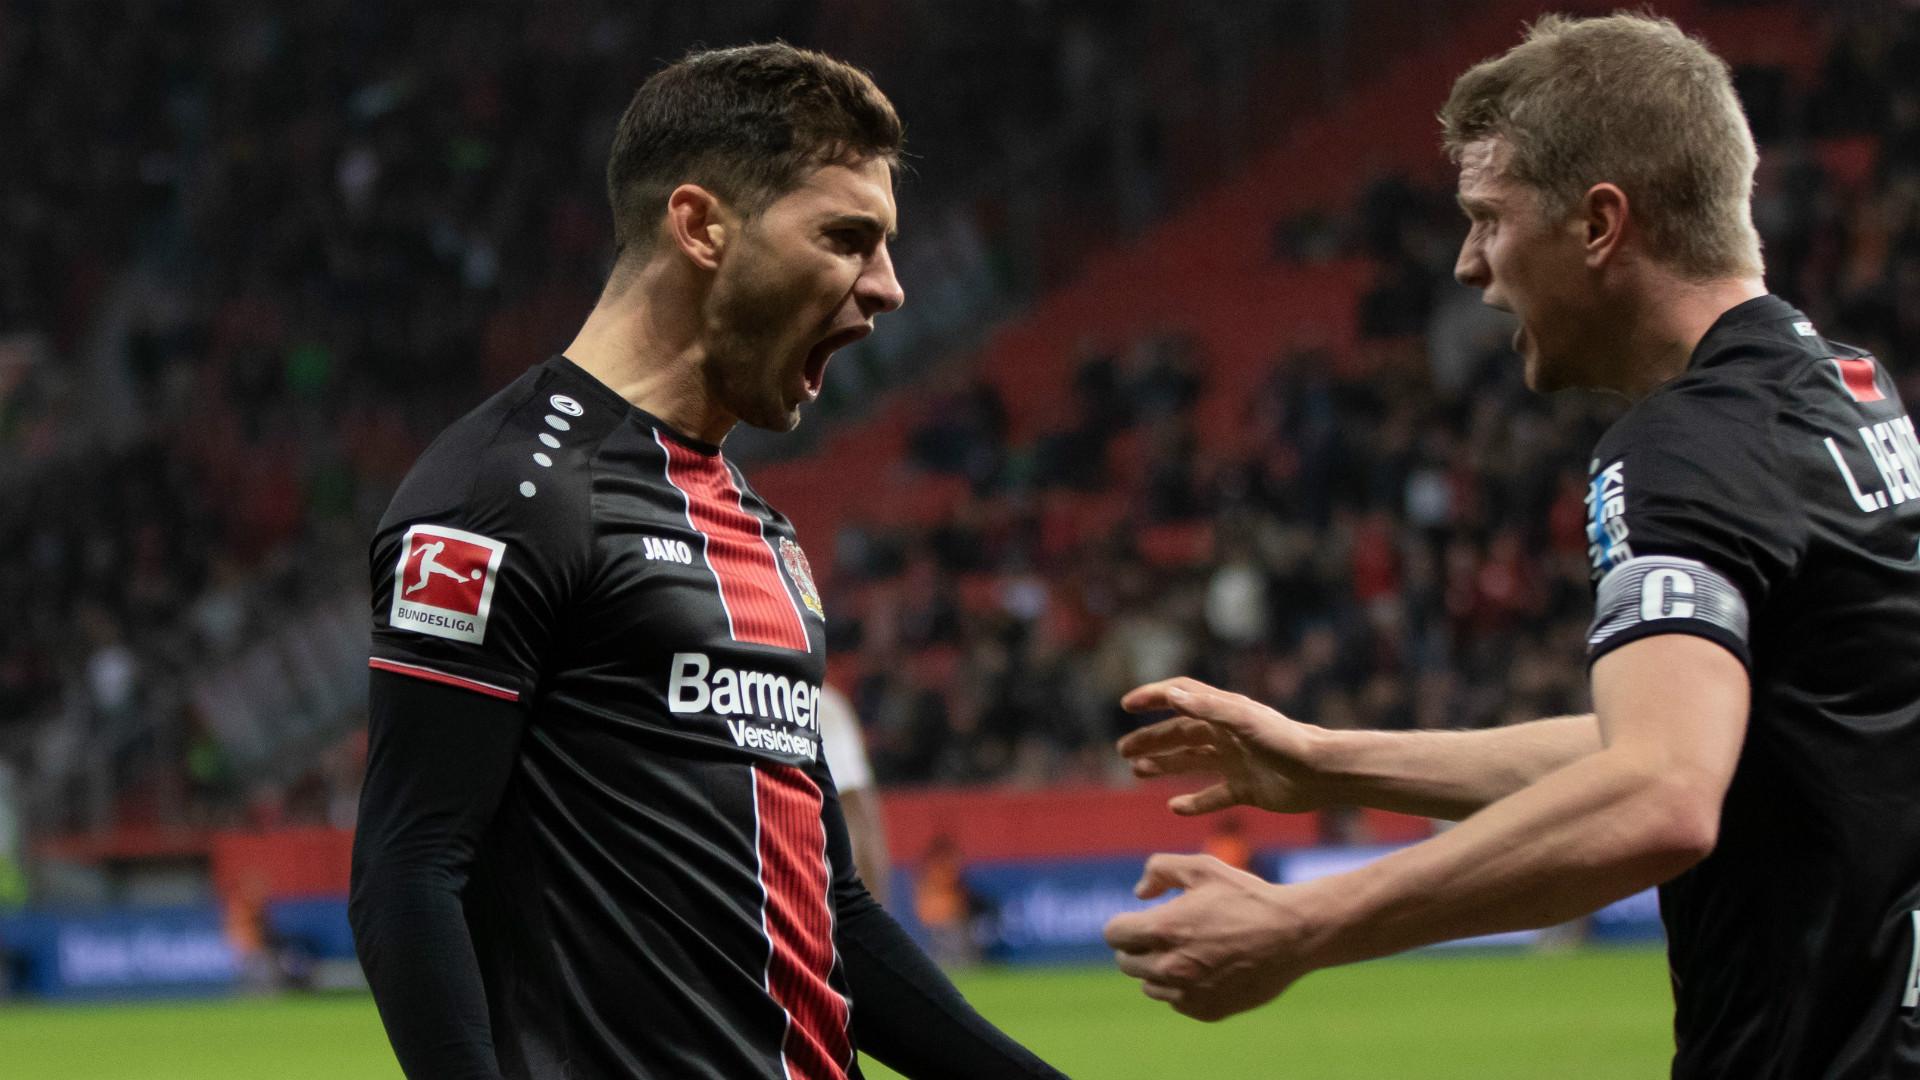 Schalke Vs Leverkusen Live Stream